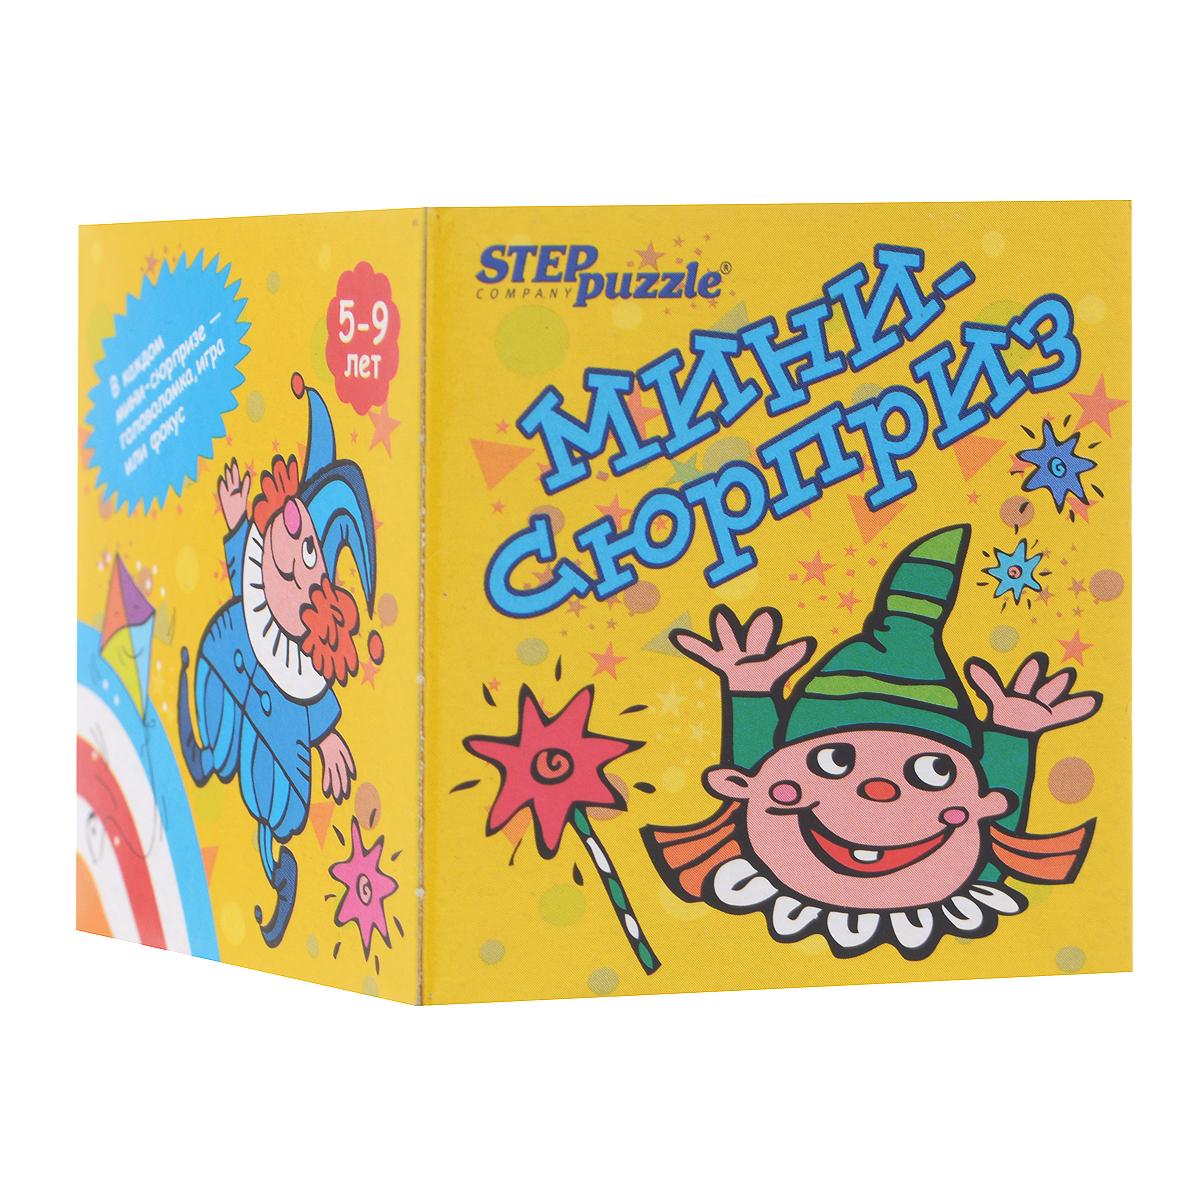 Step Puzzle Настольная игра Мини-сюрприз цвет желтый76098_желтыйИгра Step Puzzle Мини - Сюрприз представляет собой миниатюрные настольные игры, карты, фокусы, викторины, головоломки, пазлы. В каждом шоу-боксе все игры разные. Ваш выбор - это сюрприз. Содержимое коробочки не зависит от цвета коробочки. Предназначена для детей от 5 до 9 лет.